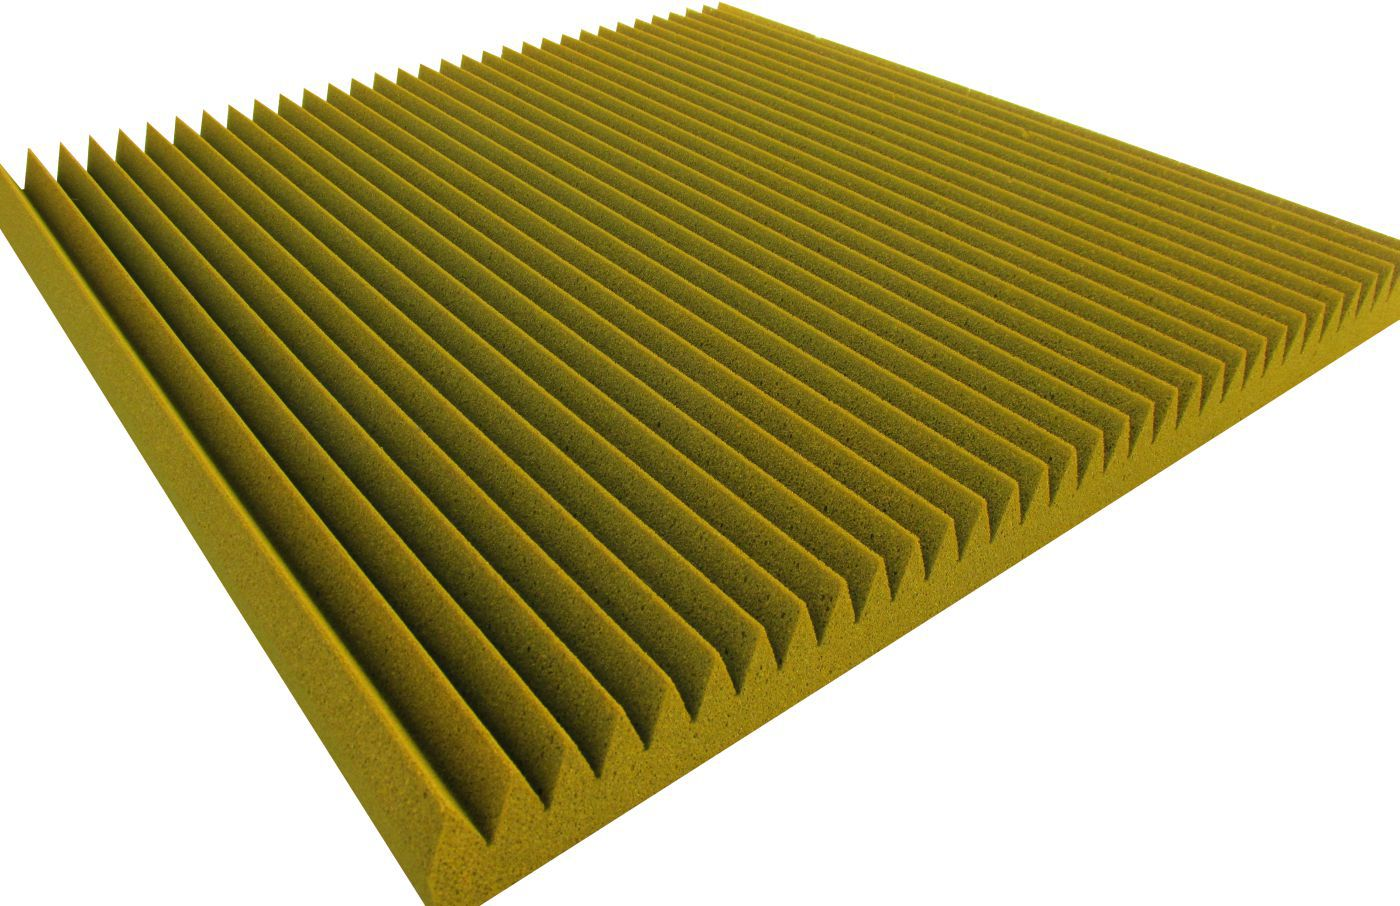 Espuma acústica Linha REV - W - Amarelo - Kit 4 peças (1m²)  - Loja SPL Acústica